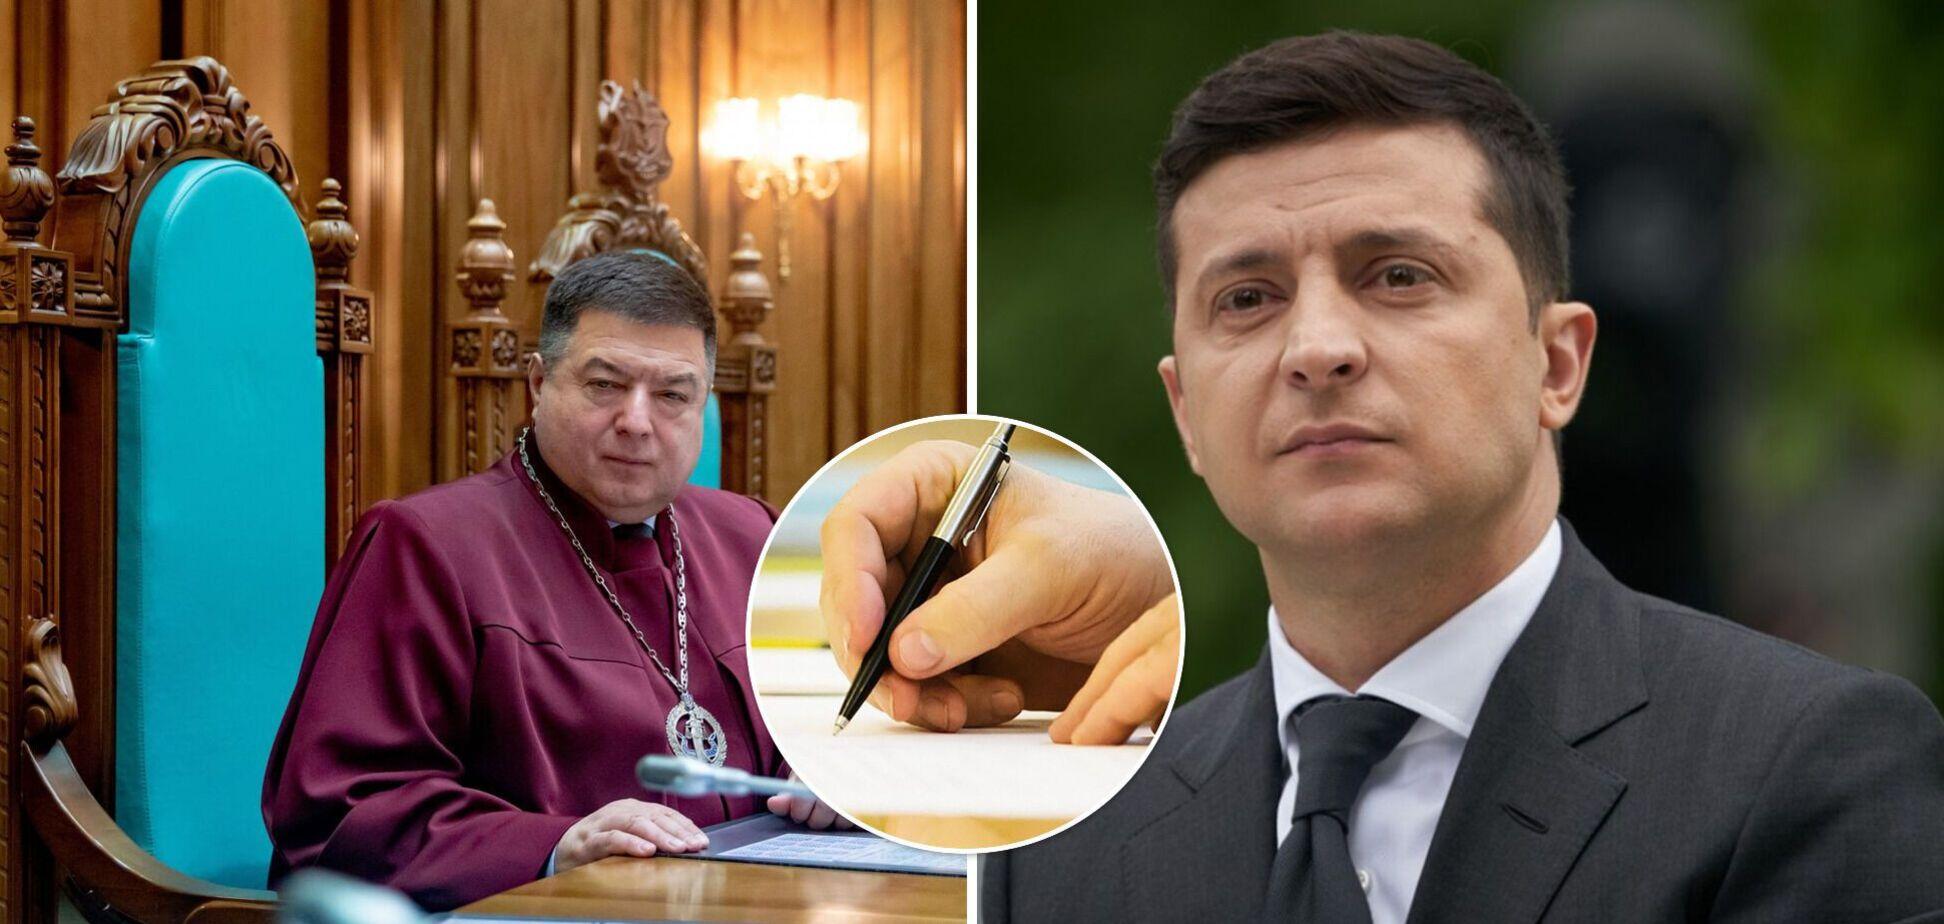 Ревізія рішень Януковича: хто винен у звільненні Тупицького й чого чекати